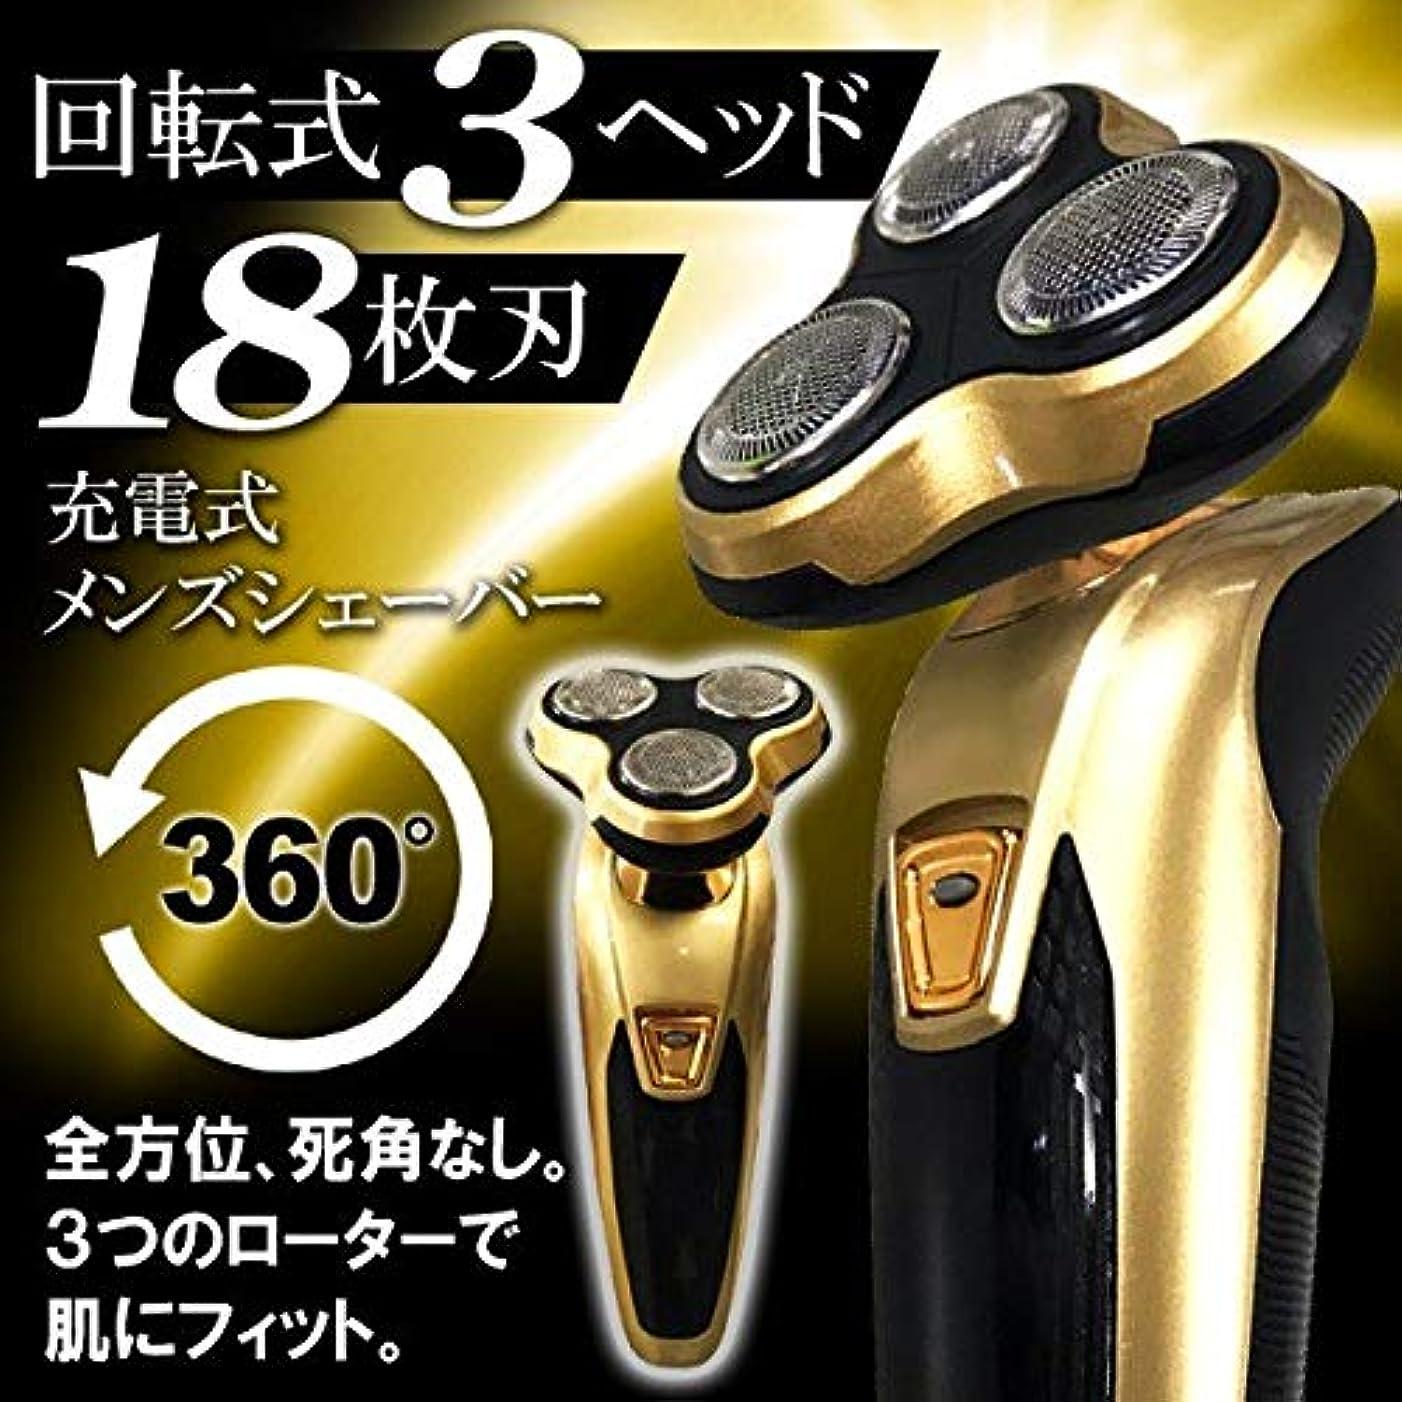 後ろ、背後、背面(部脱走本気YEP 電気シェーバー 3ヘッド搭載 充電式 メンズシェーバー 3in1 髭剃り 鼻毛カッター グルーミングヘッド